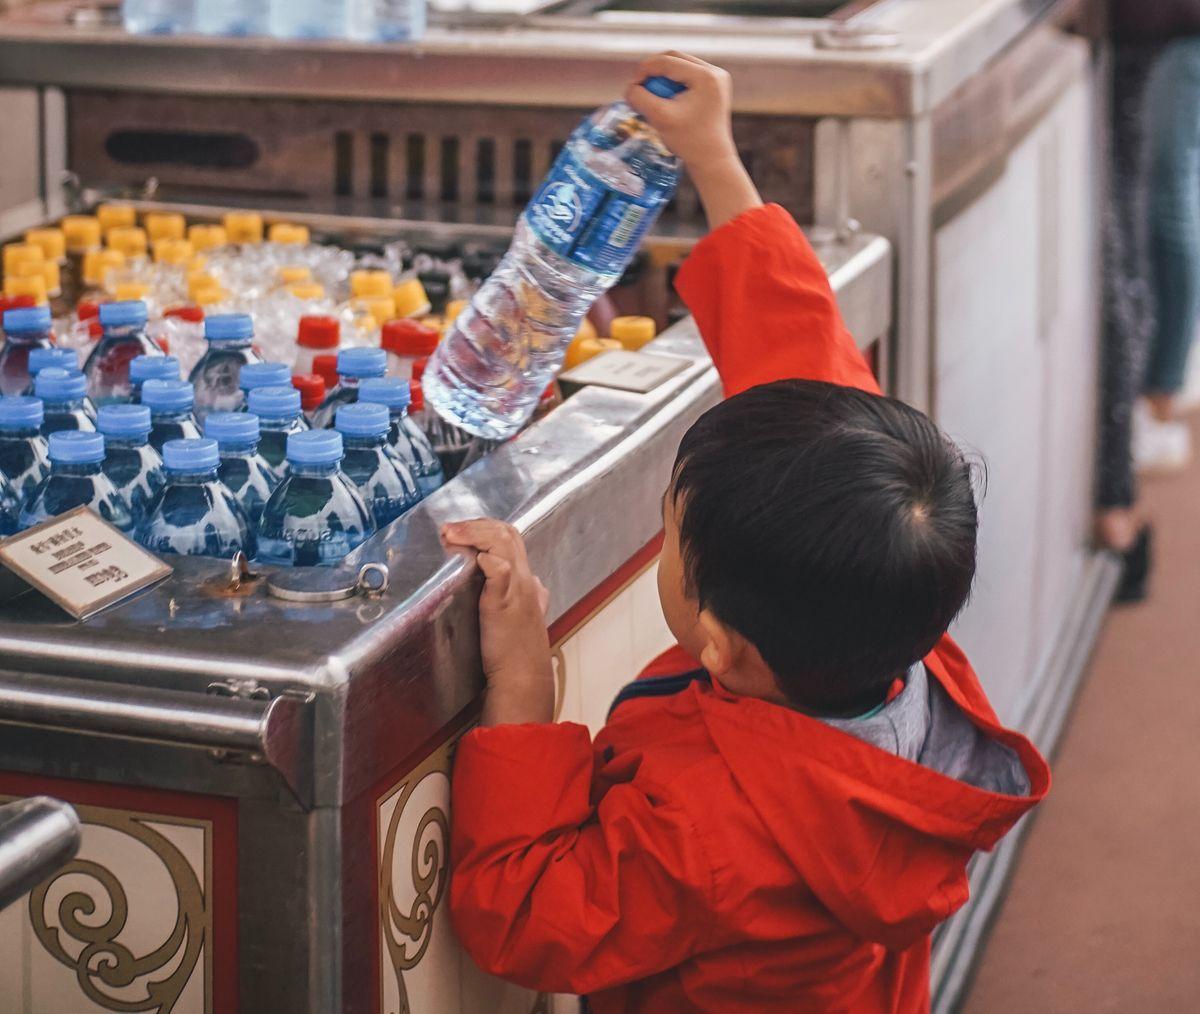 Rester hydraté est essentiel pour maintenir une bonne santé. Mais boire de l'eau distillée, plutôt que d'autres types d'eau, est-il une bonne option ?